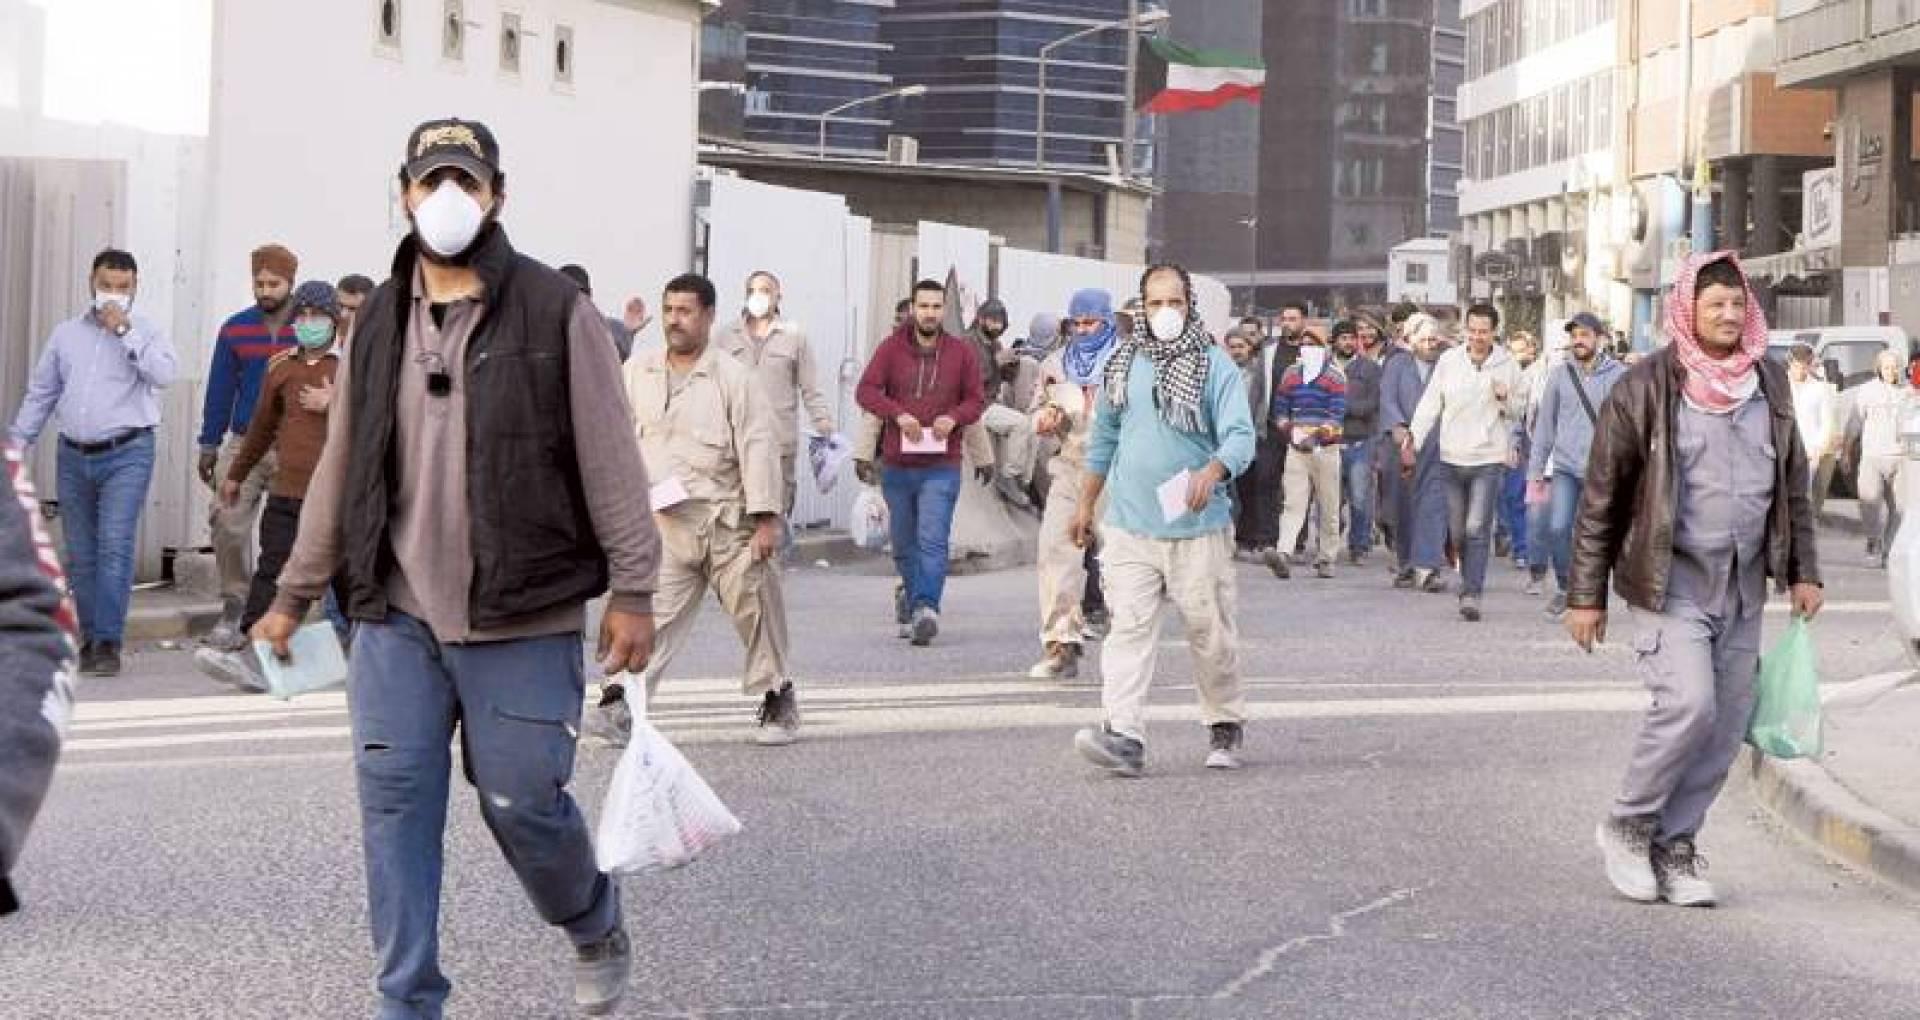 ضوابط حكومية للقضاء على ظاهرة العمالة الهامشية (تصوير: محمود الفوريكي)